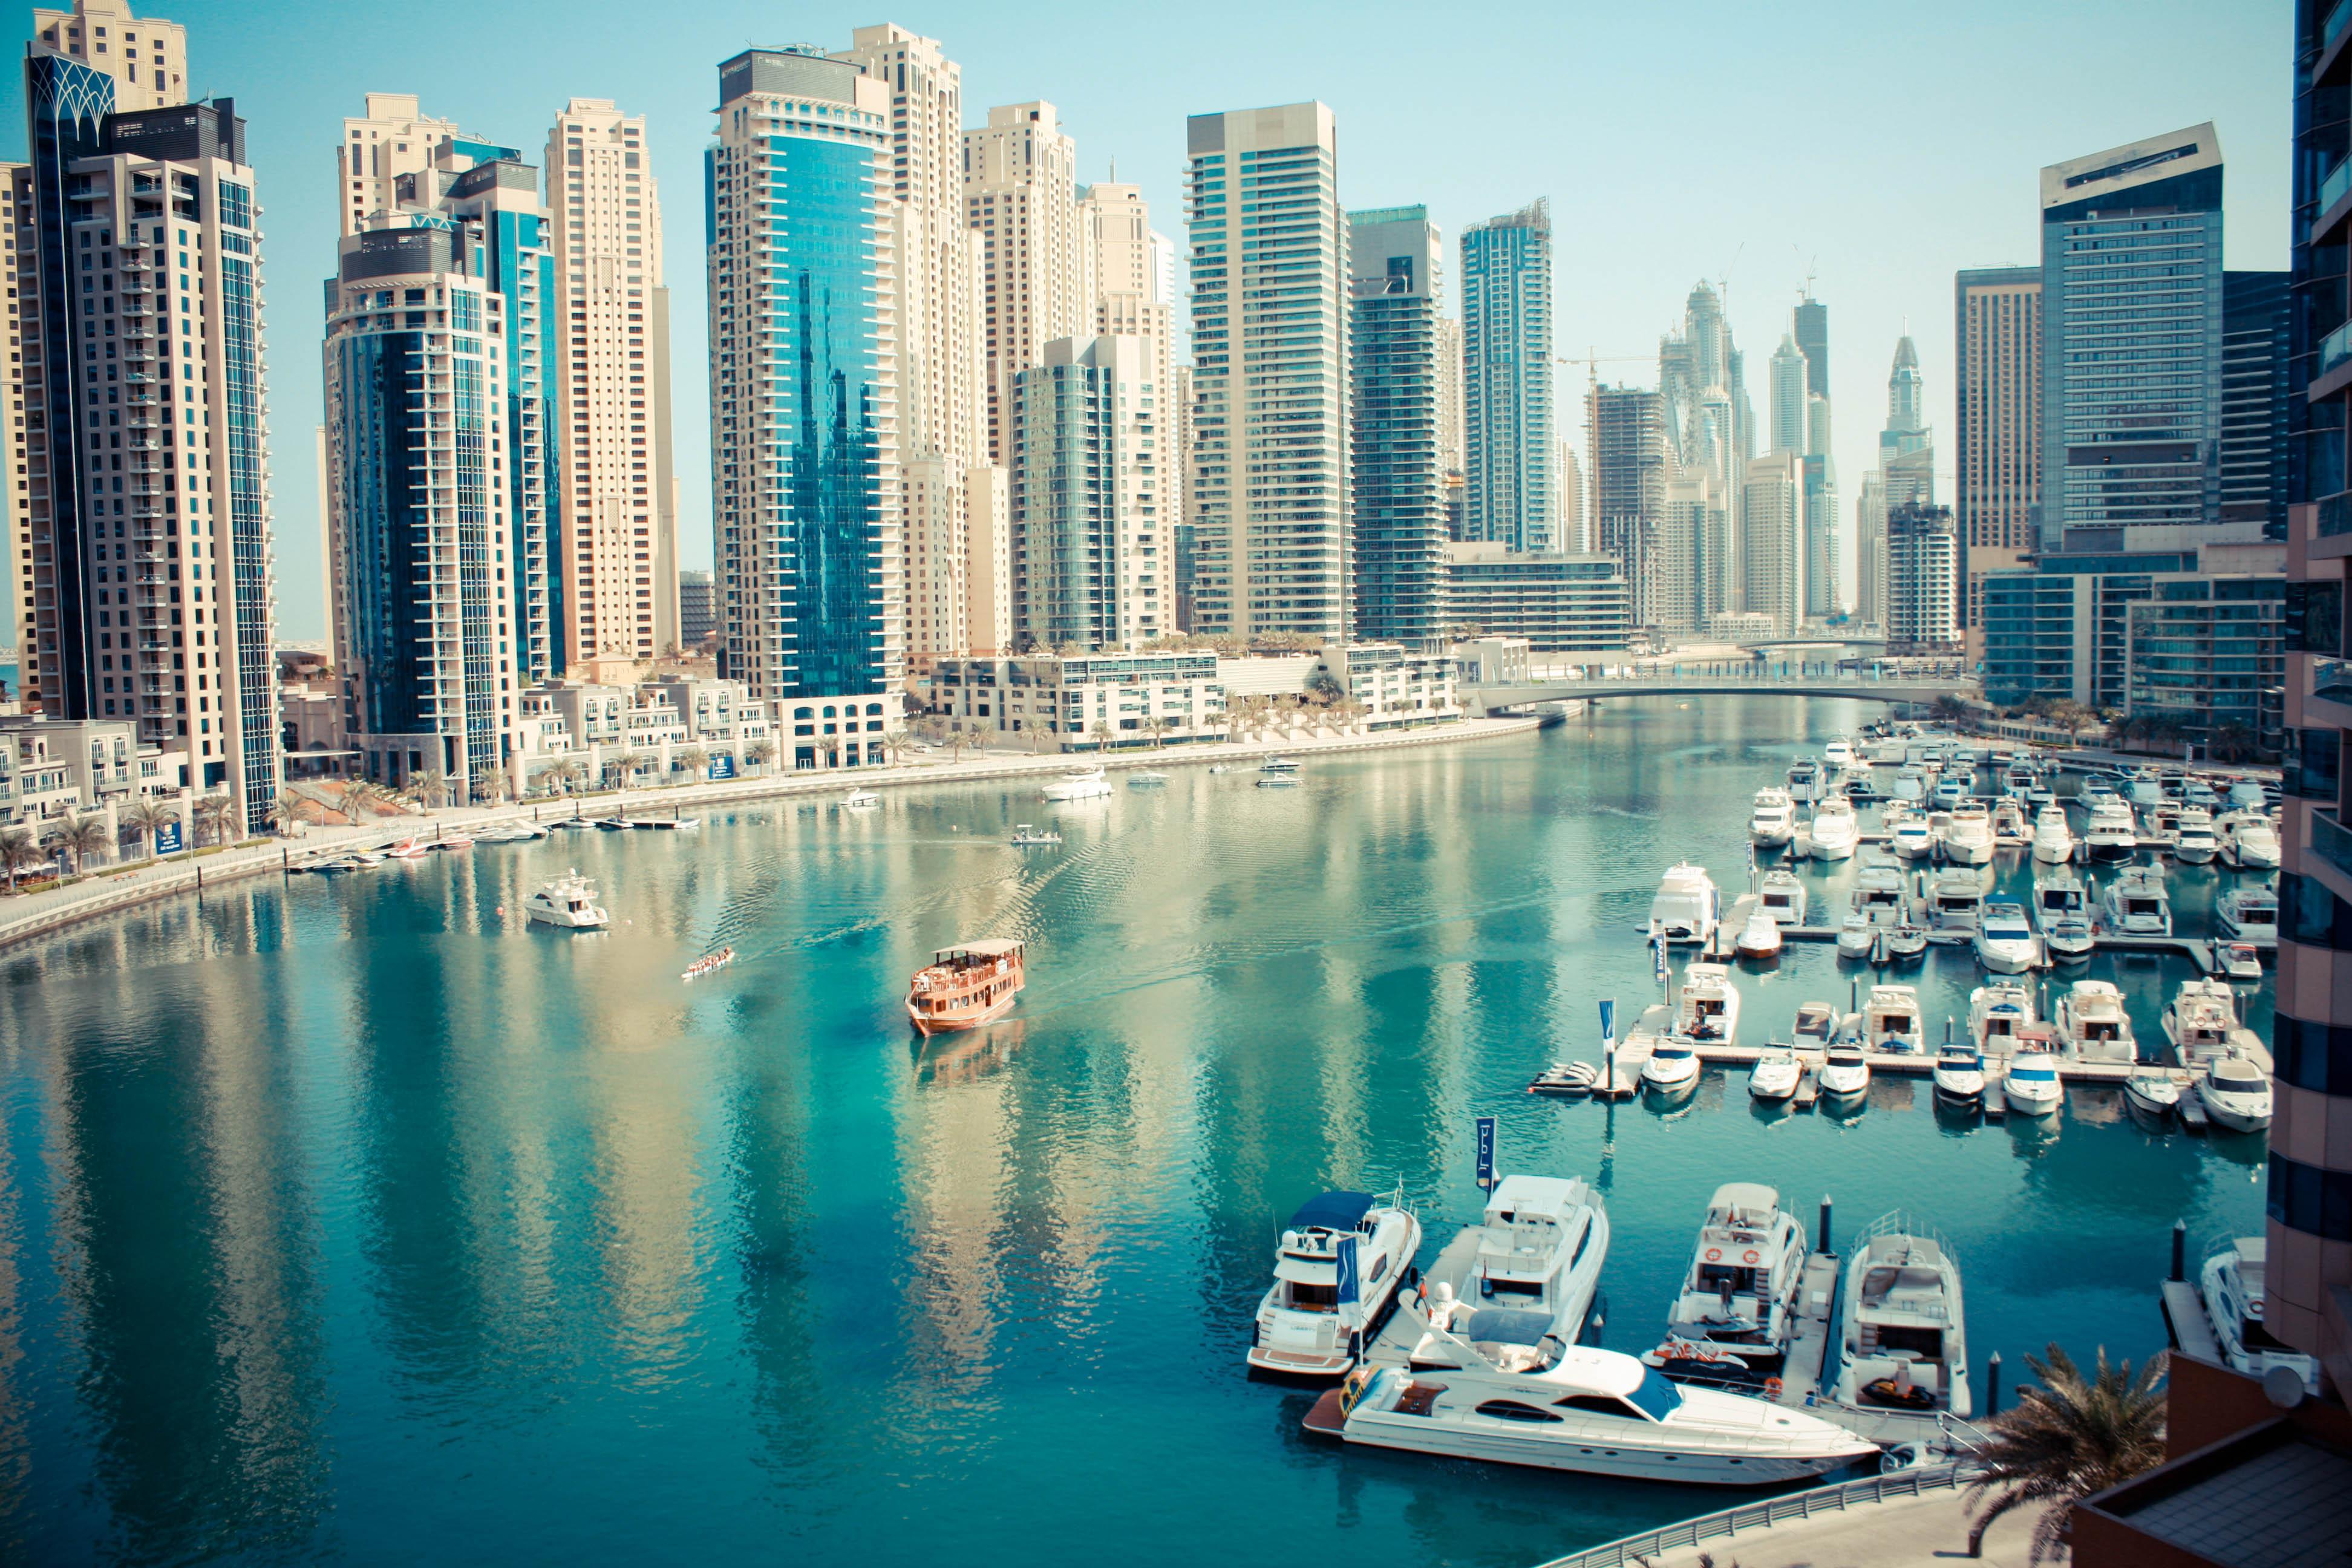 Дубай марина отзывы туристов 2017 жилая недвижимость за рубежом